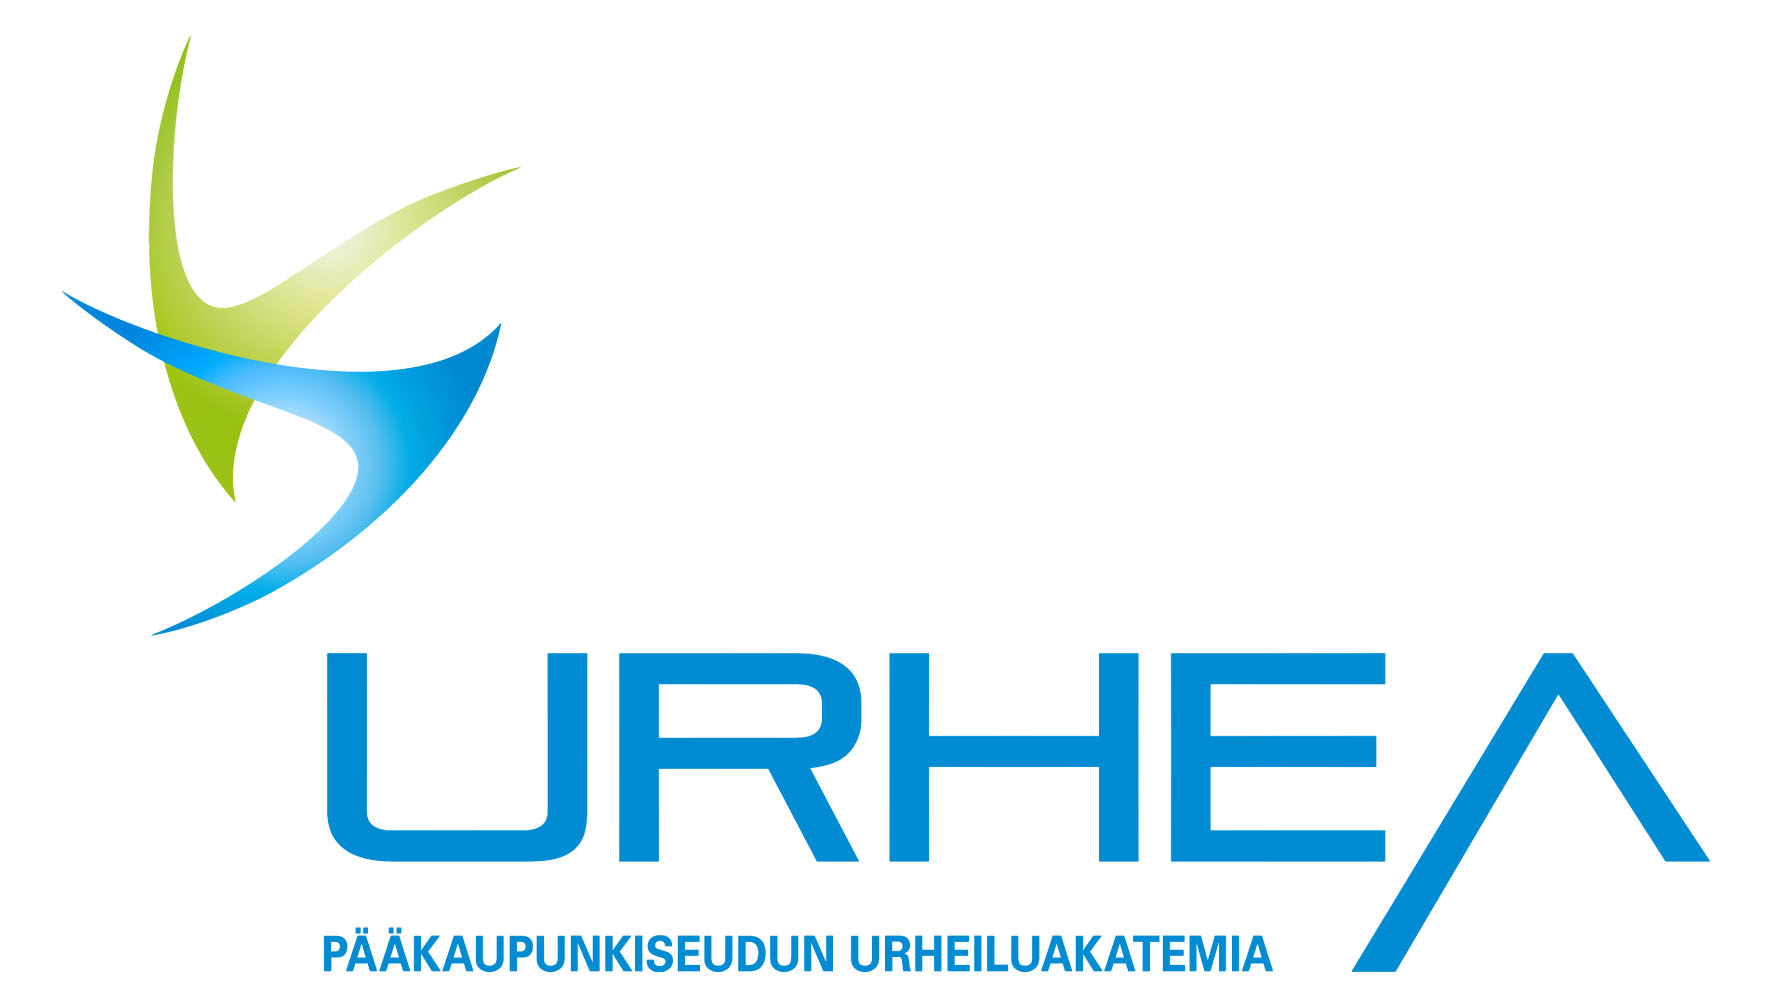 URHEA